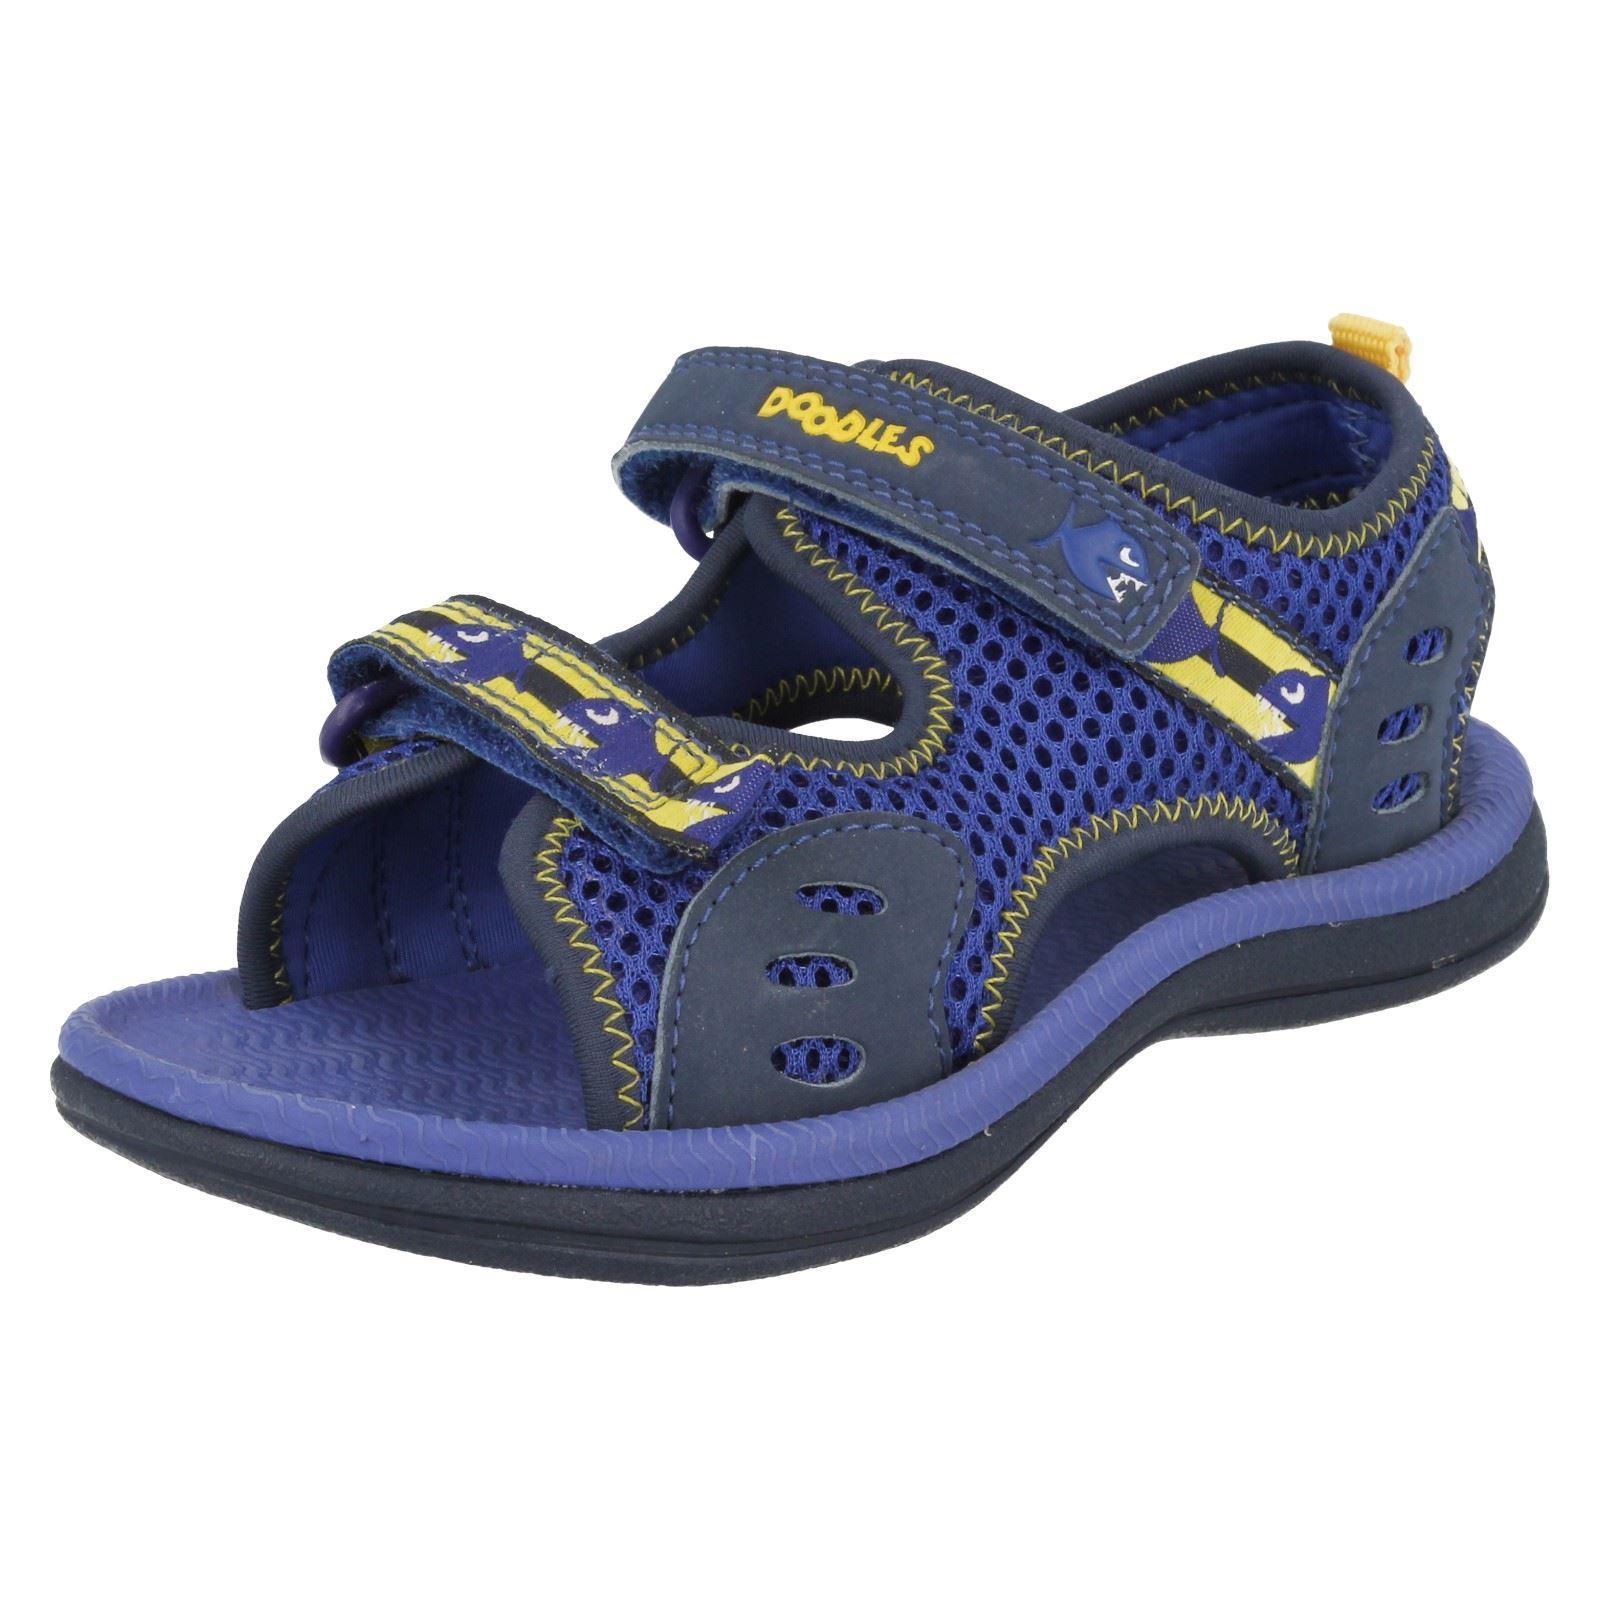 Boys Clarks Sandals Label Piranha Boy